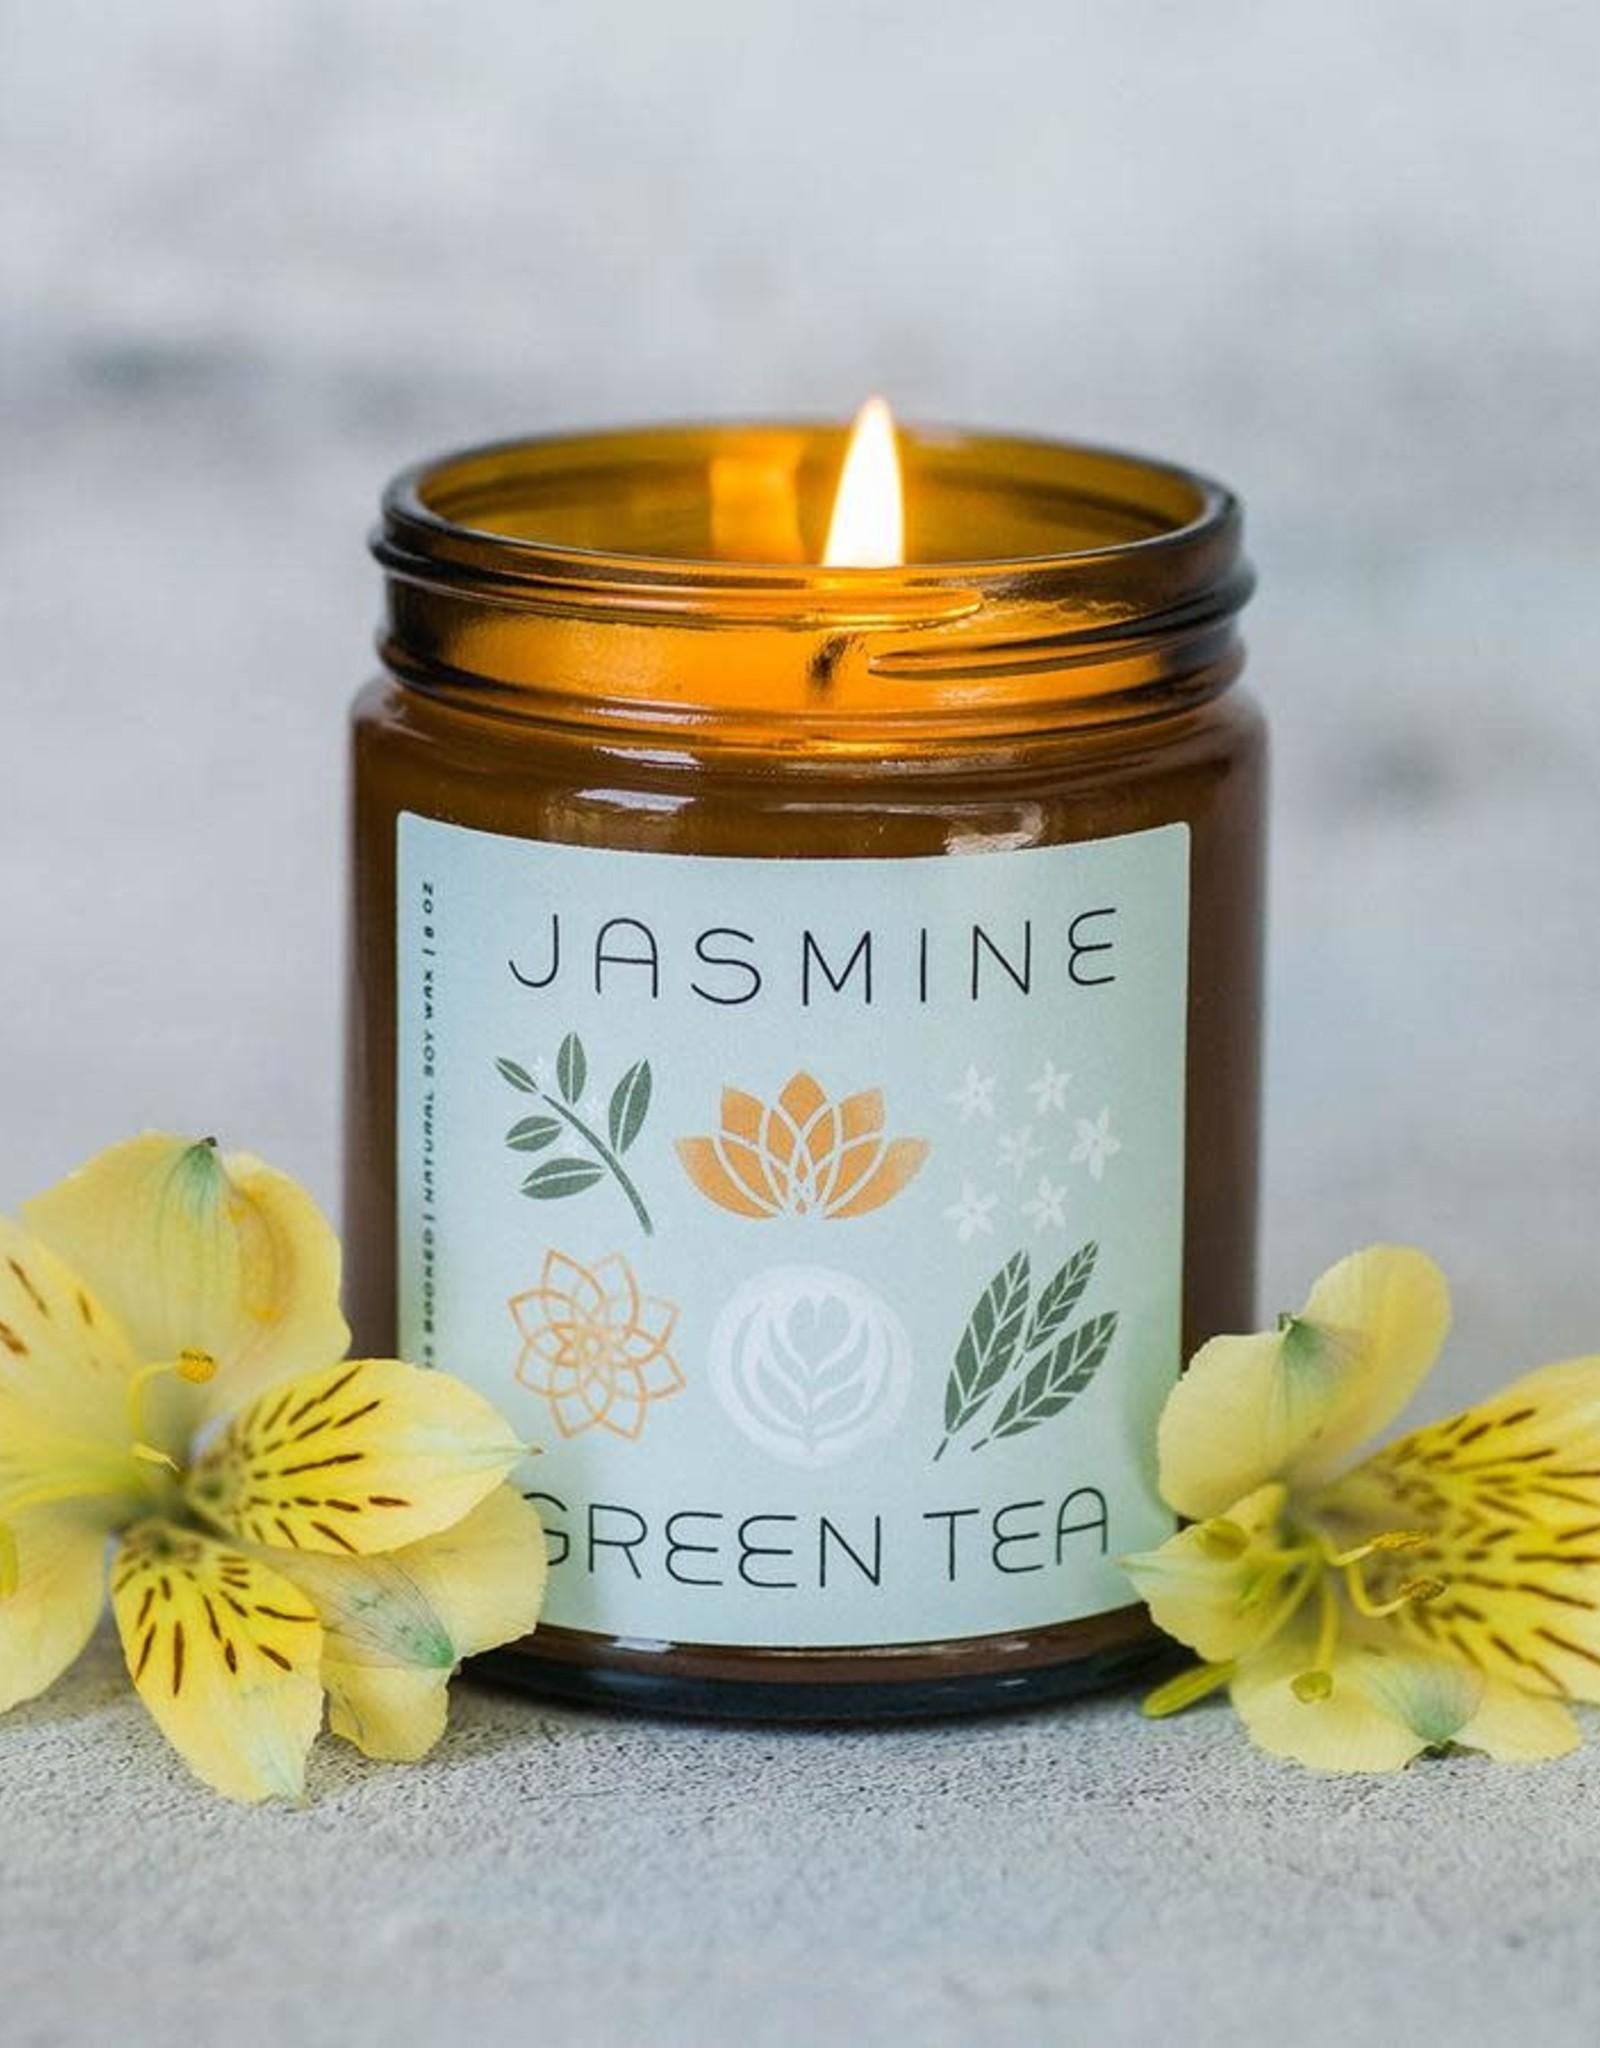 My Weekend Is Booked My Weekend Is Booked  Candle - Jasmine & Green Tea